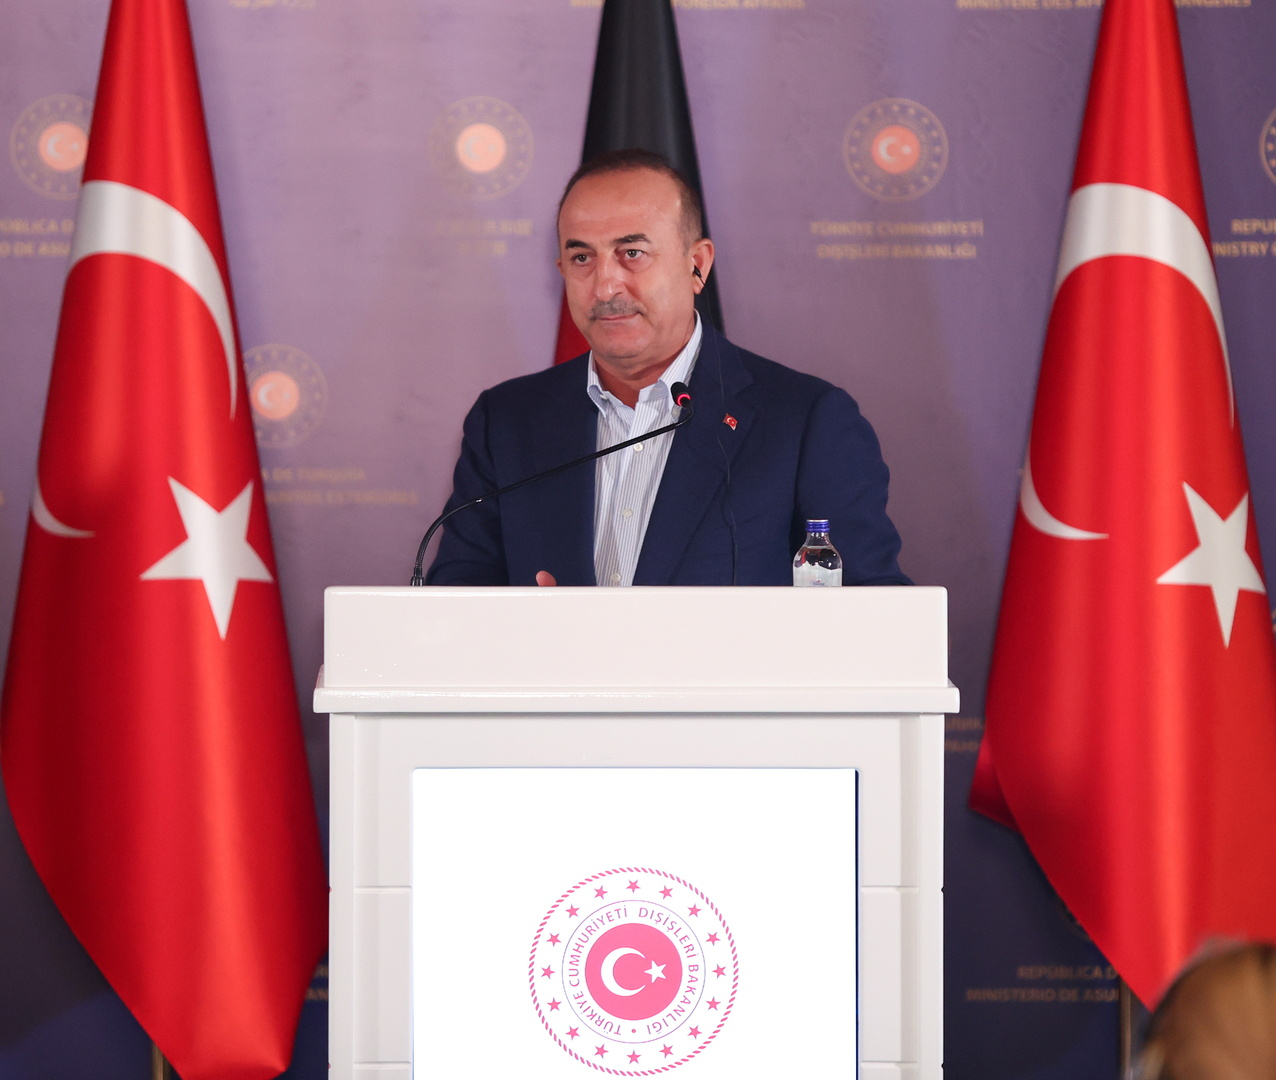 تركيا ترى زخما إيجابيا في المحادثات لإصلاح العلاقات مع الإمارات